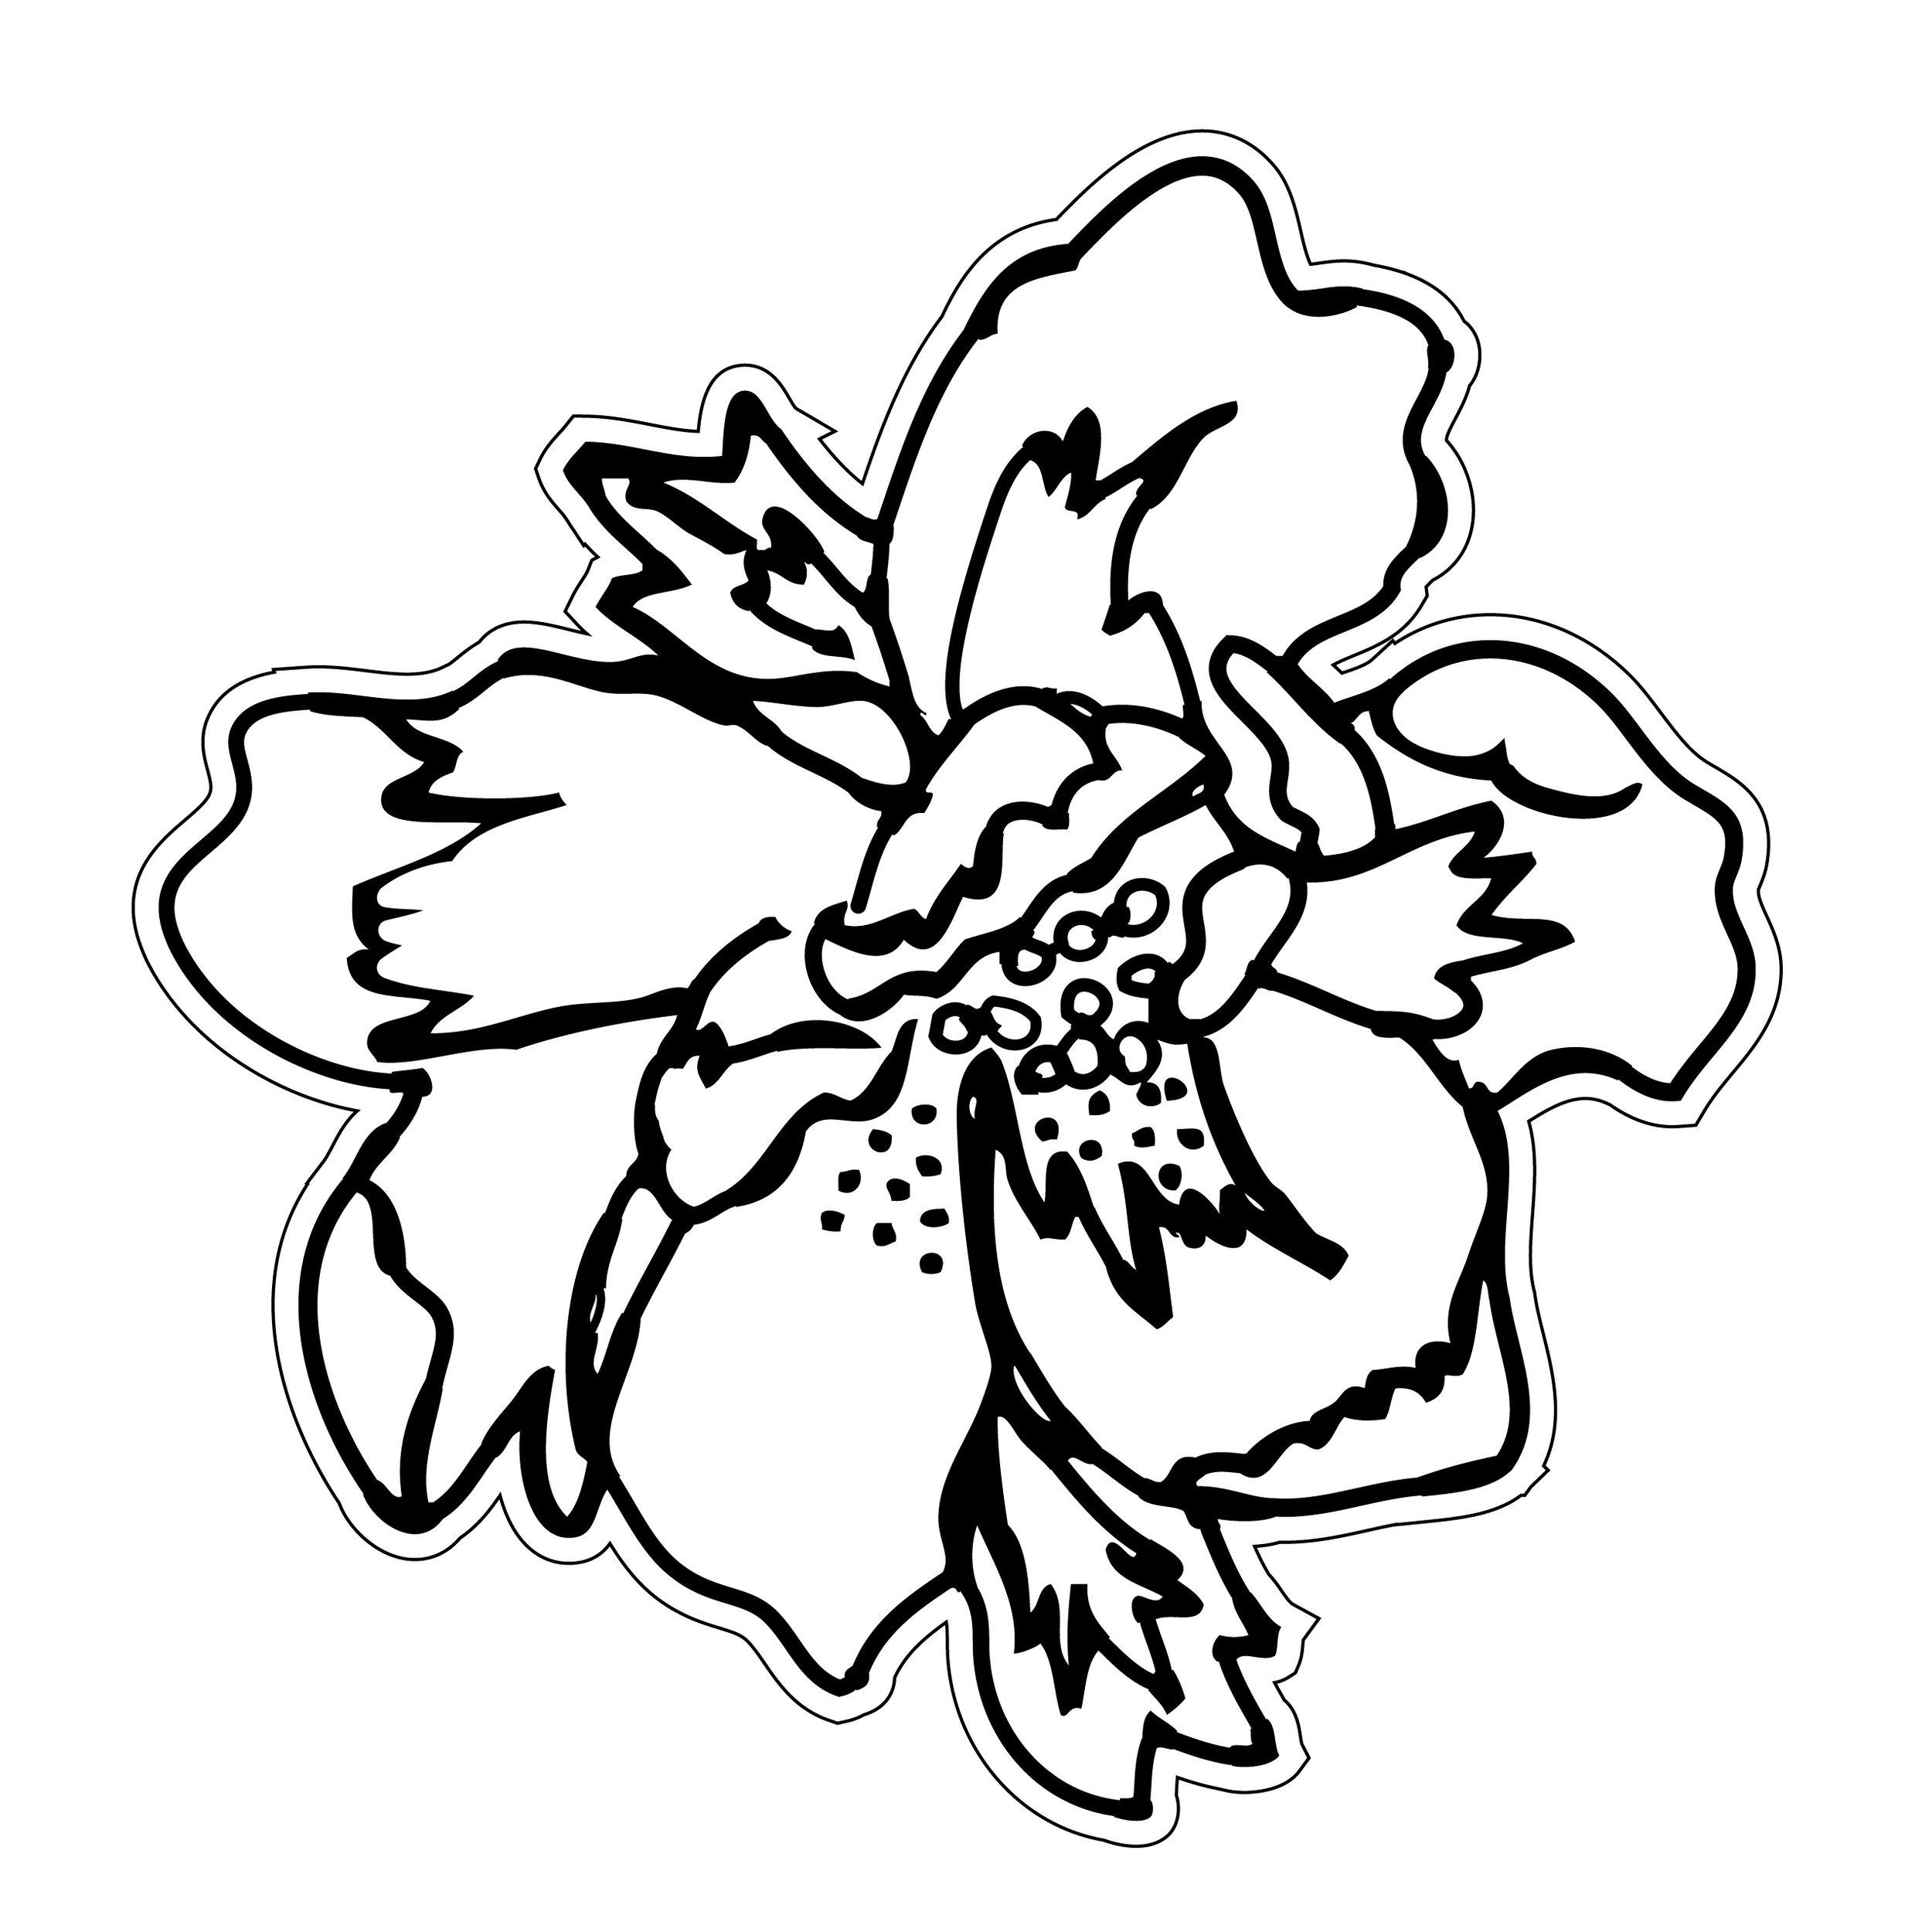 Flowers_1-03.jpg